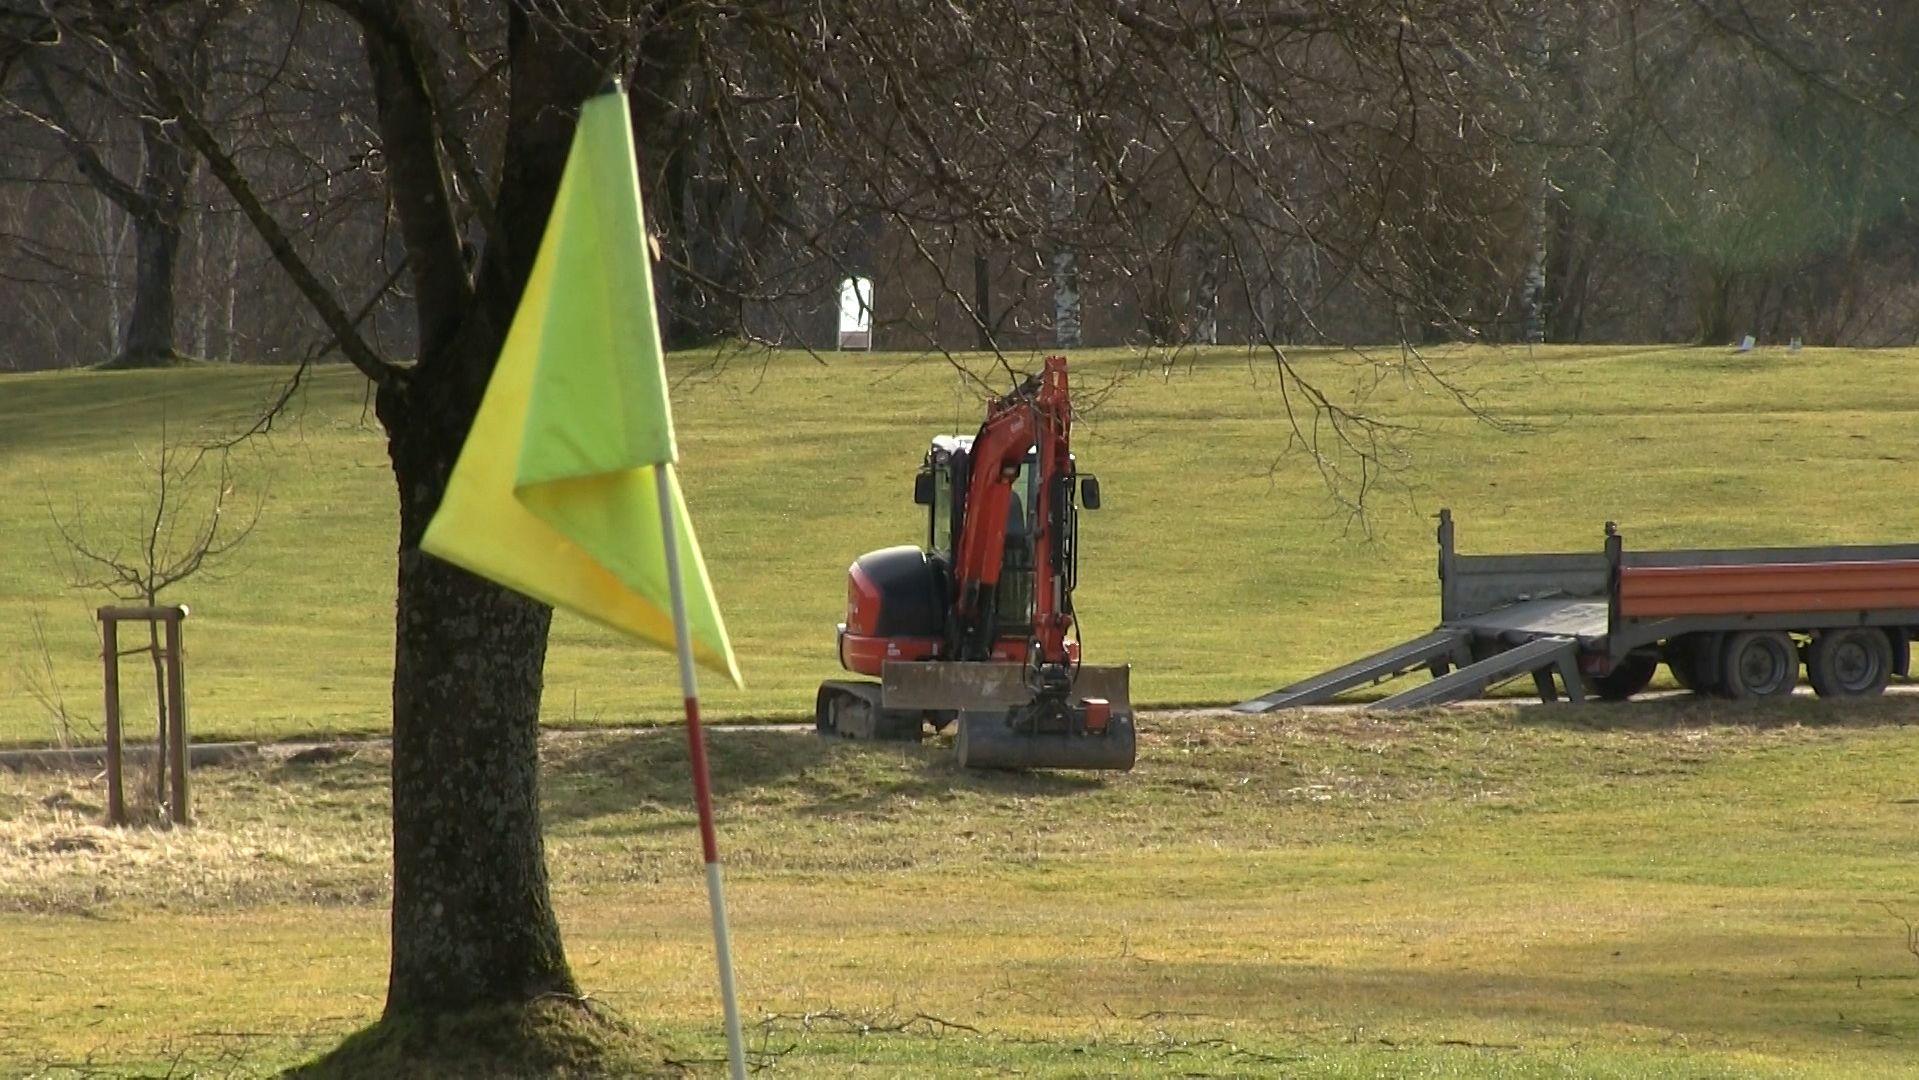 Der Golfclub Augsburg möchte Flutlichtmasten auf dem Golfplatz Burgwalden installieren und stößt damit auf Widerstand.